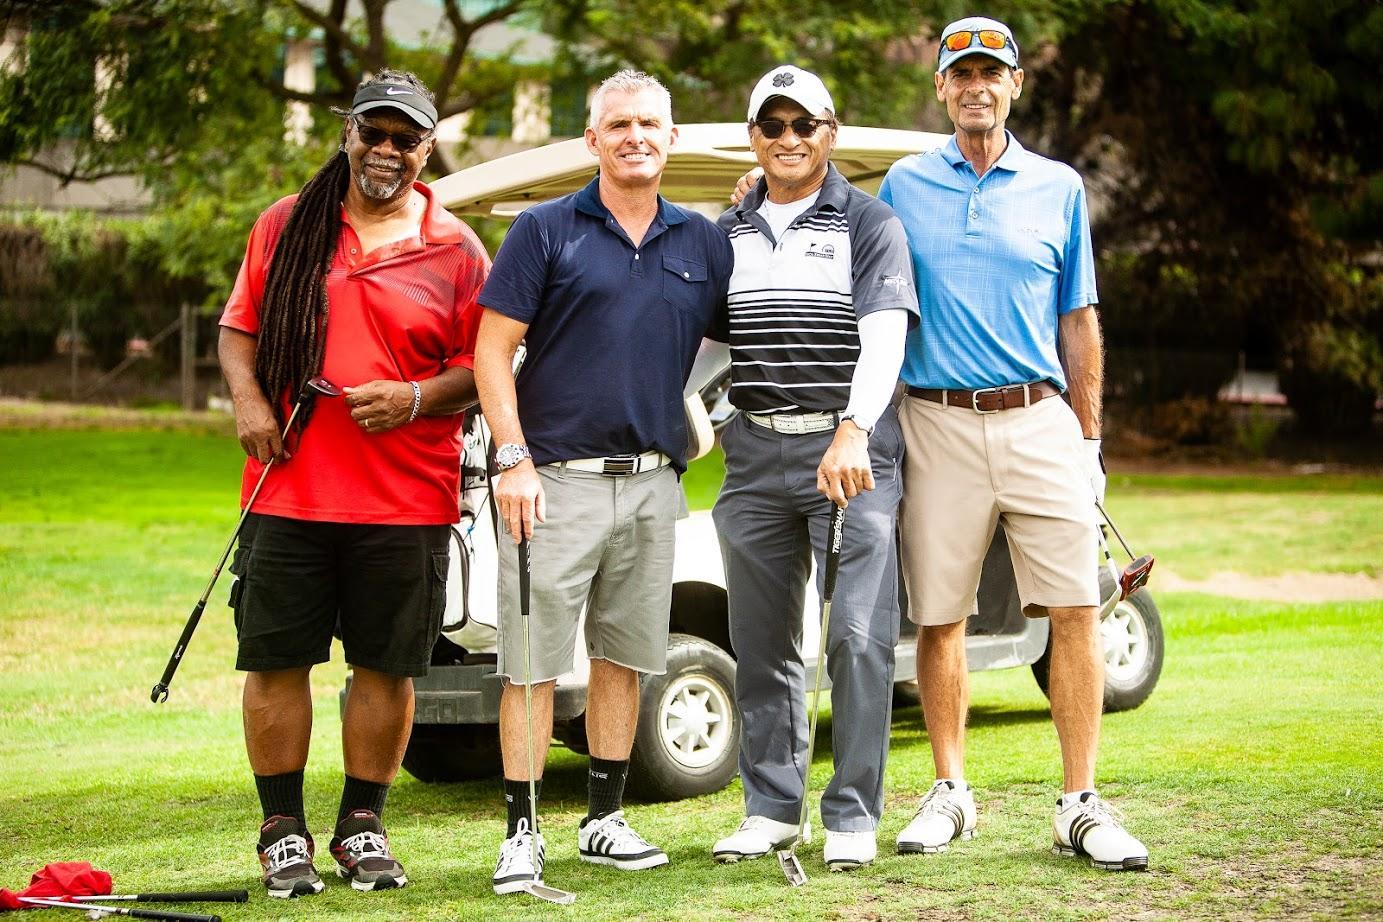 19th Annual SoCal Rehab Golf Classic